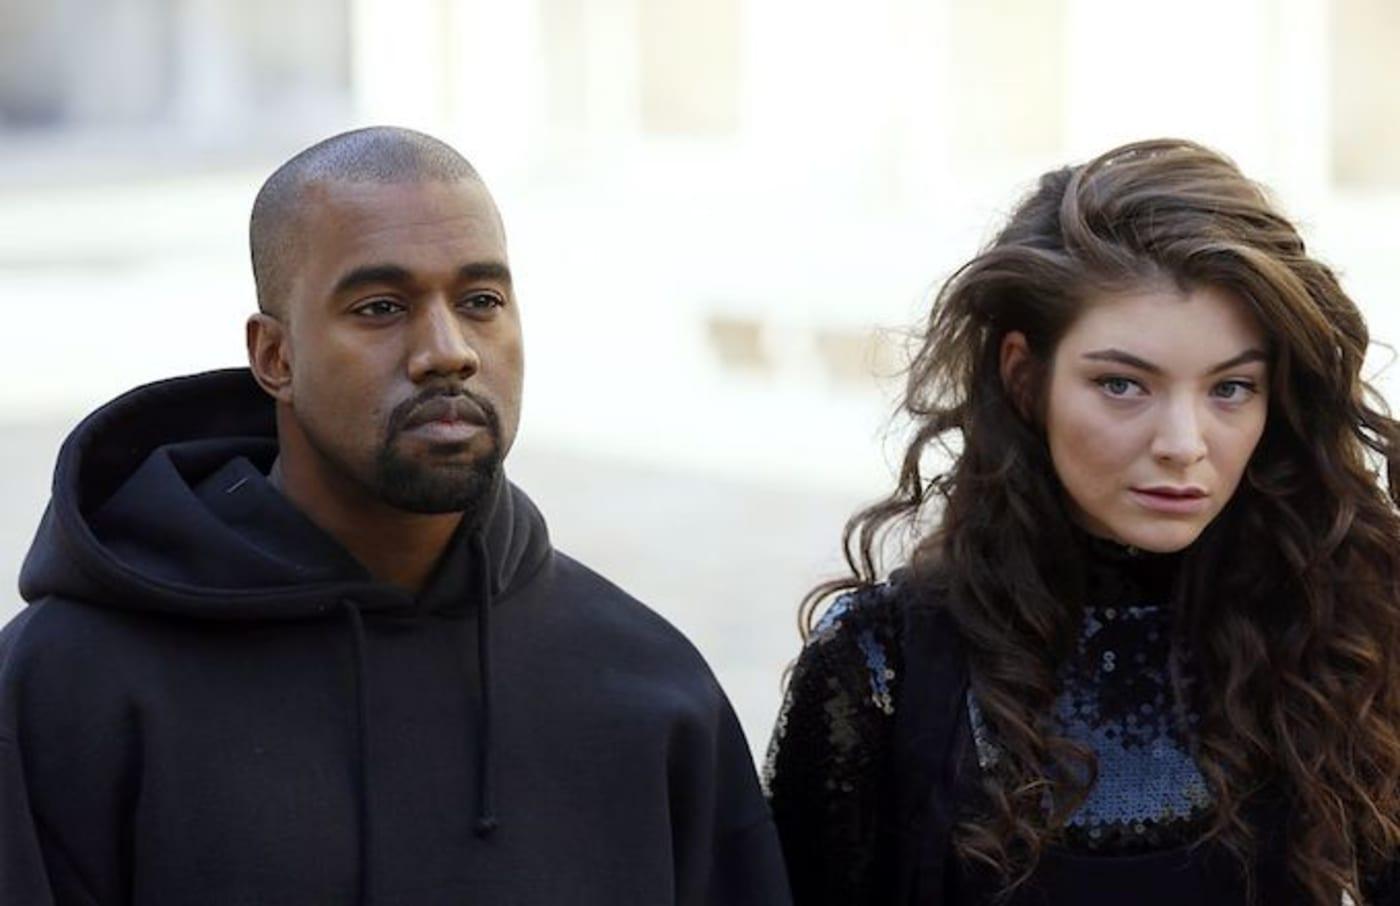 Lorde accuses kanye/kid cudi of stealing